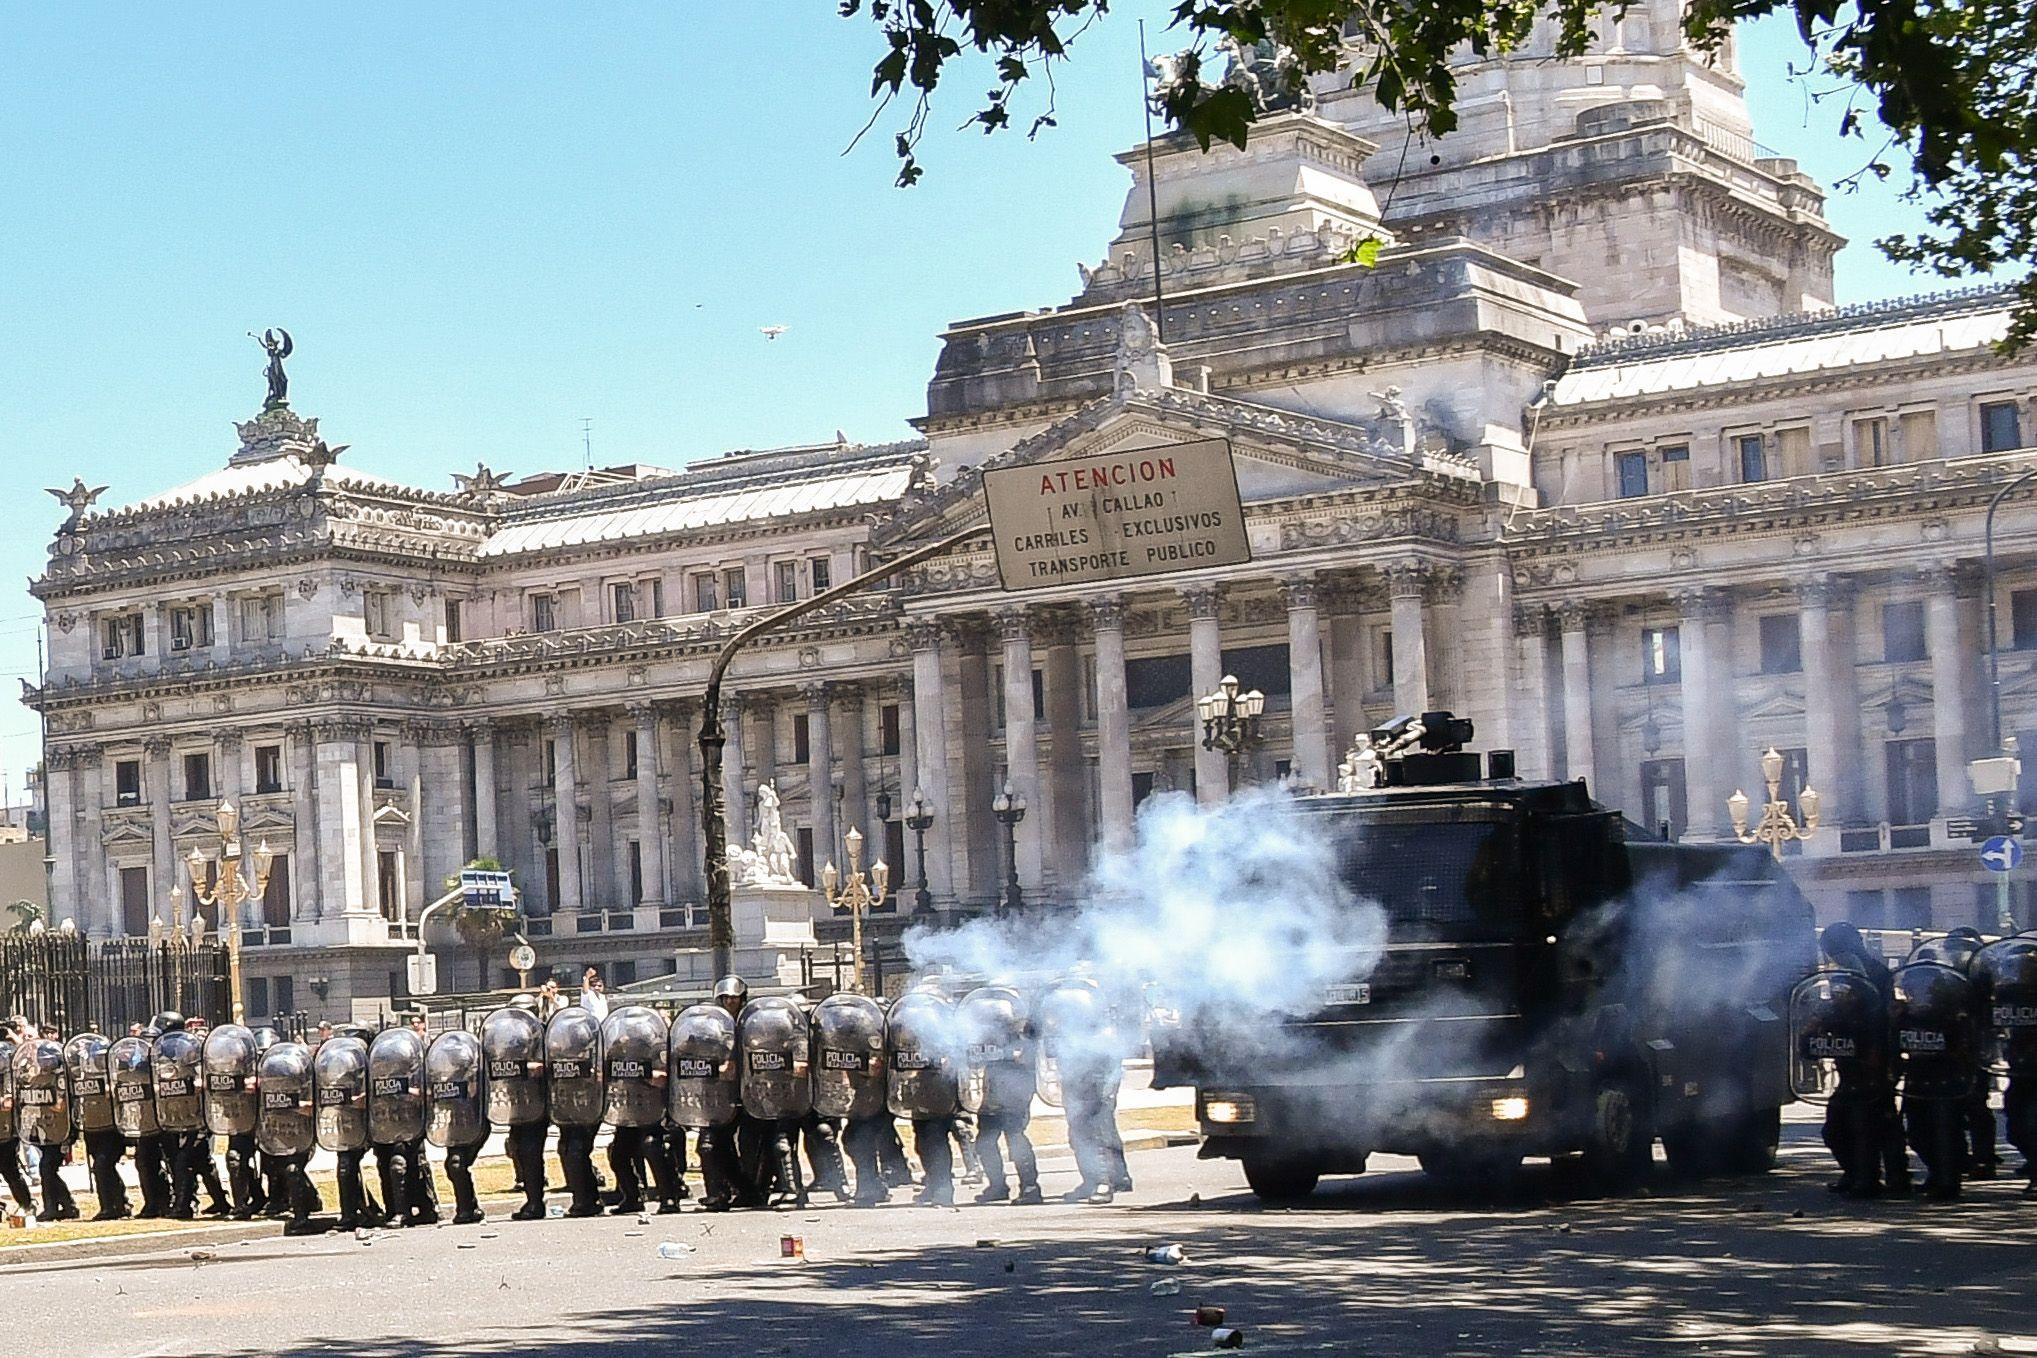 Tensión y enfrentamientos entre la policía y manifestantes frente al Congreso